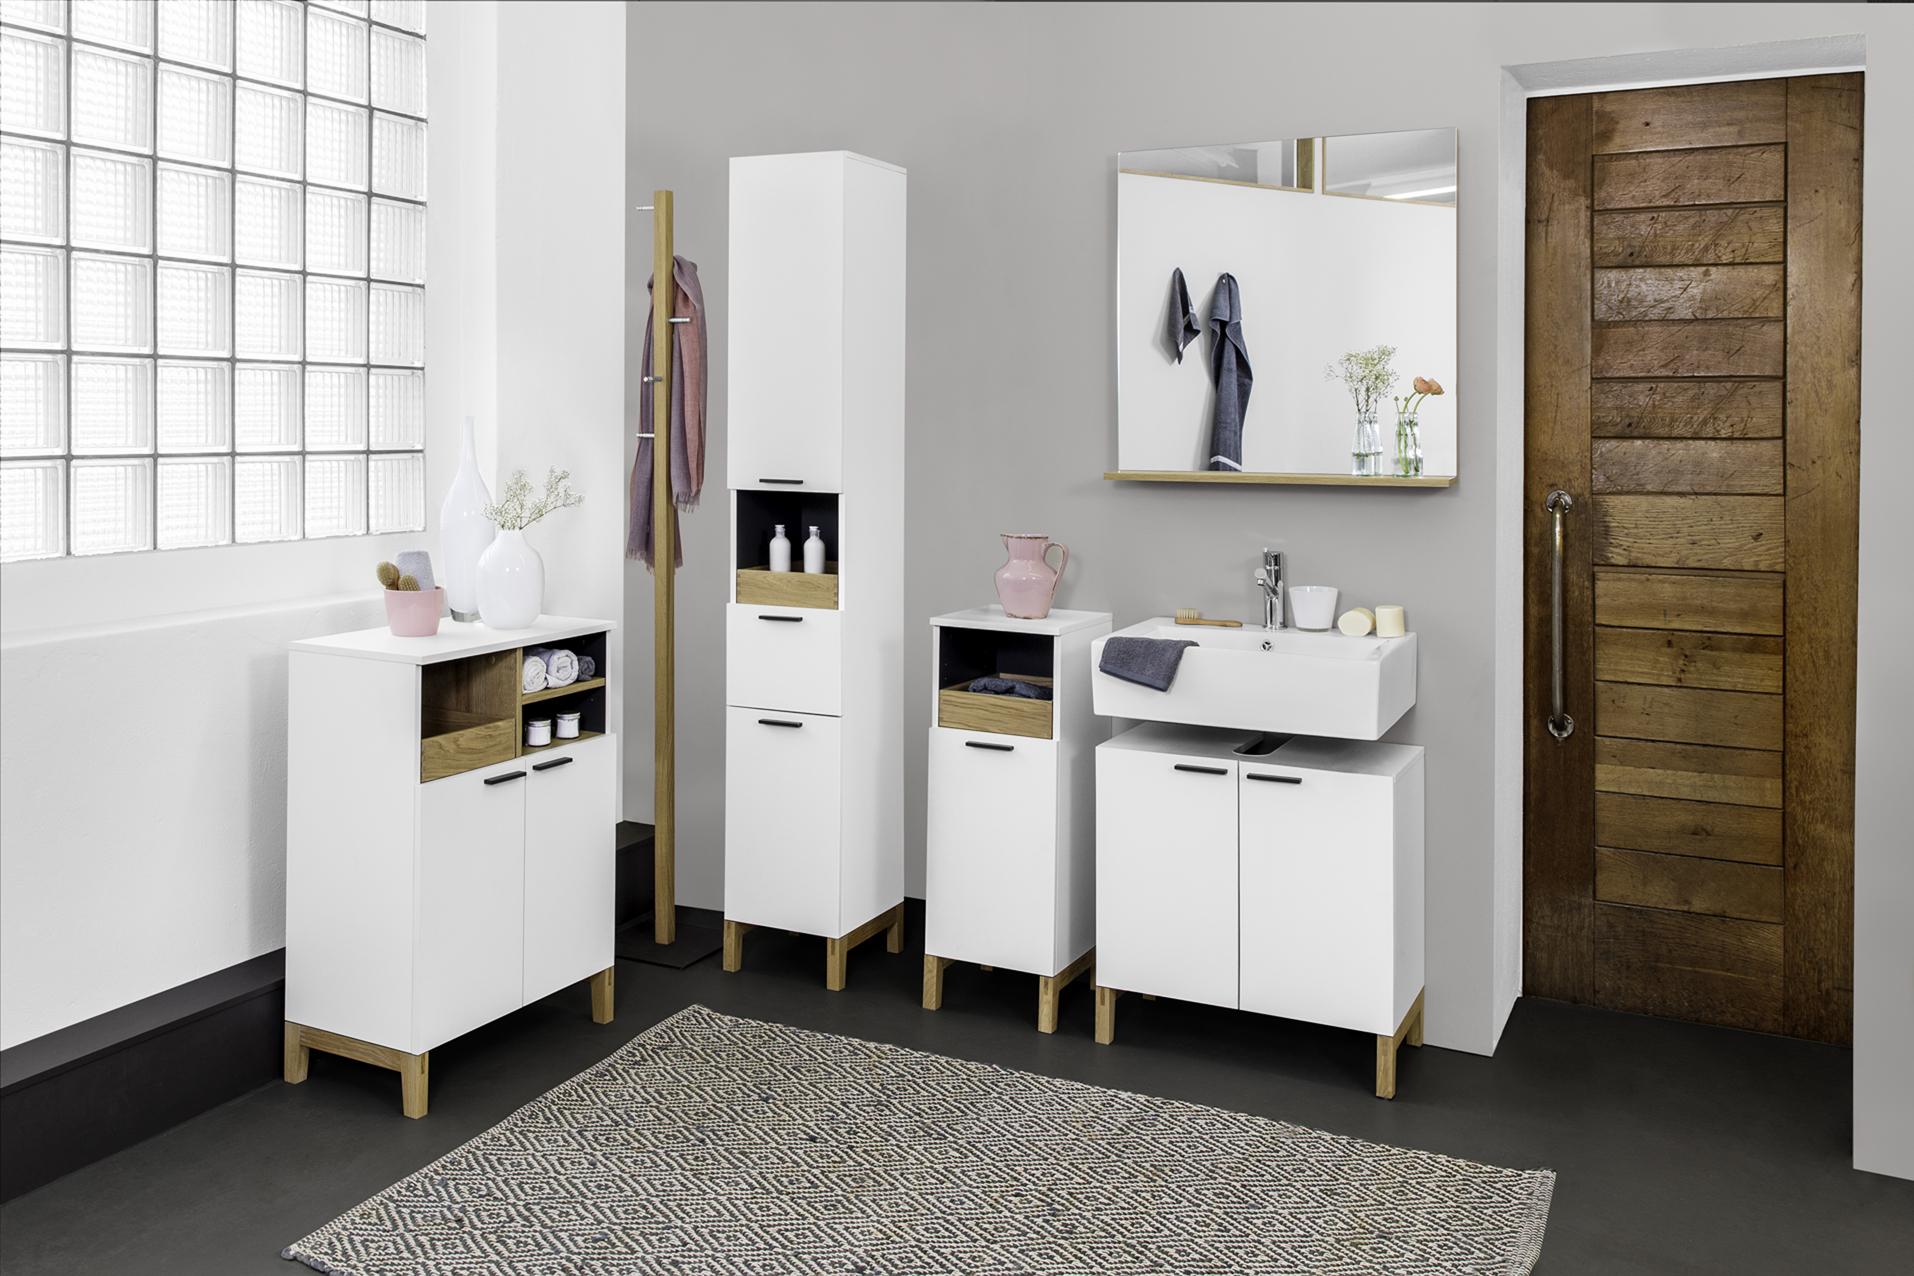 Nordica Badezimmermöbel von Reinhard - Designmöbel online kaufen ...